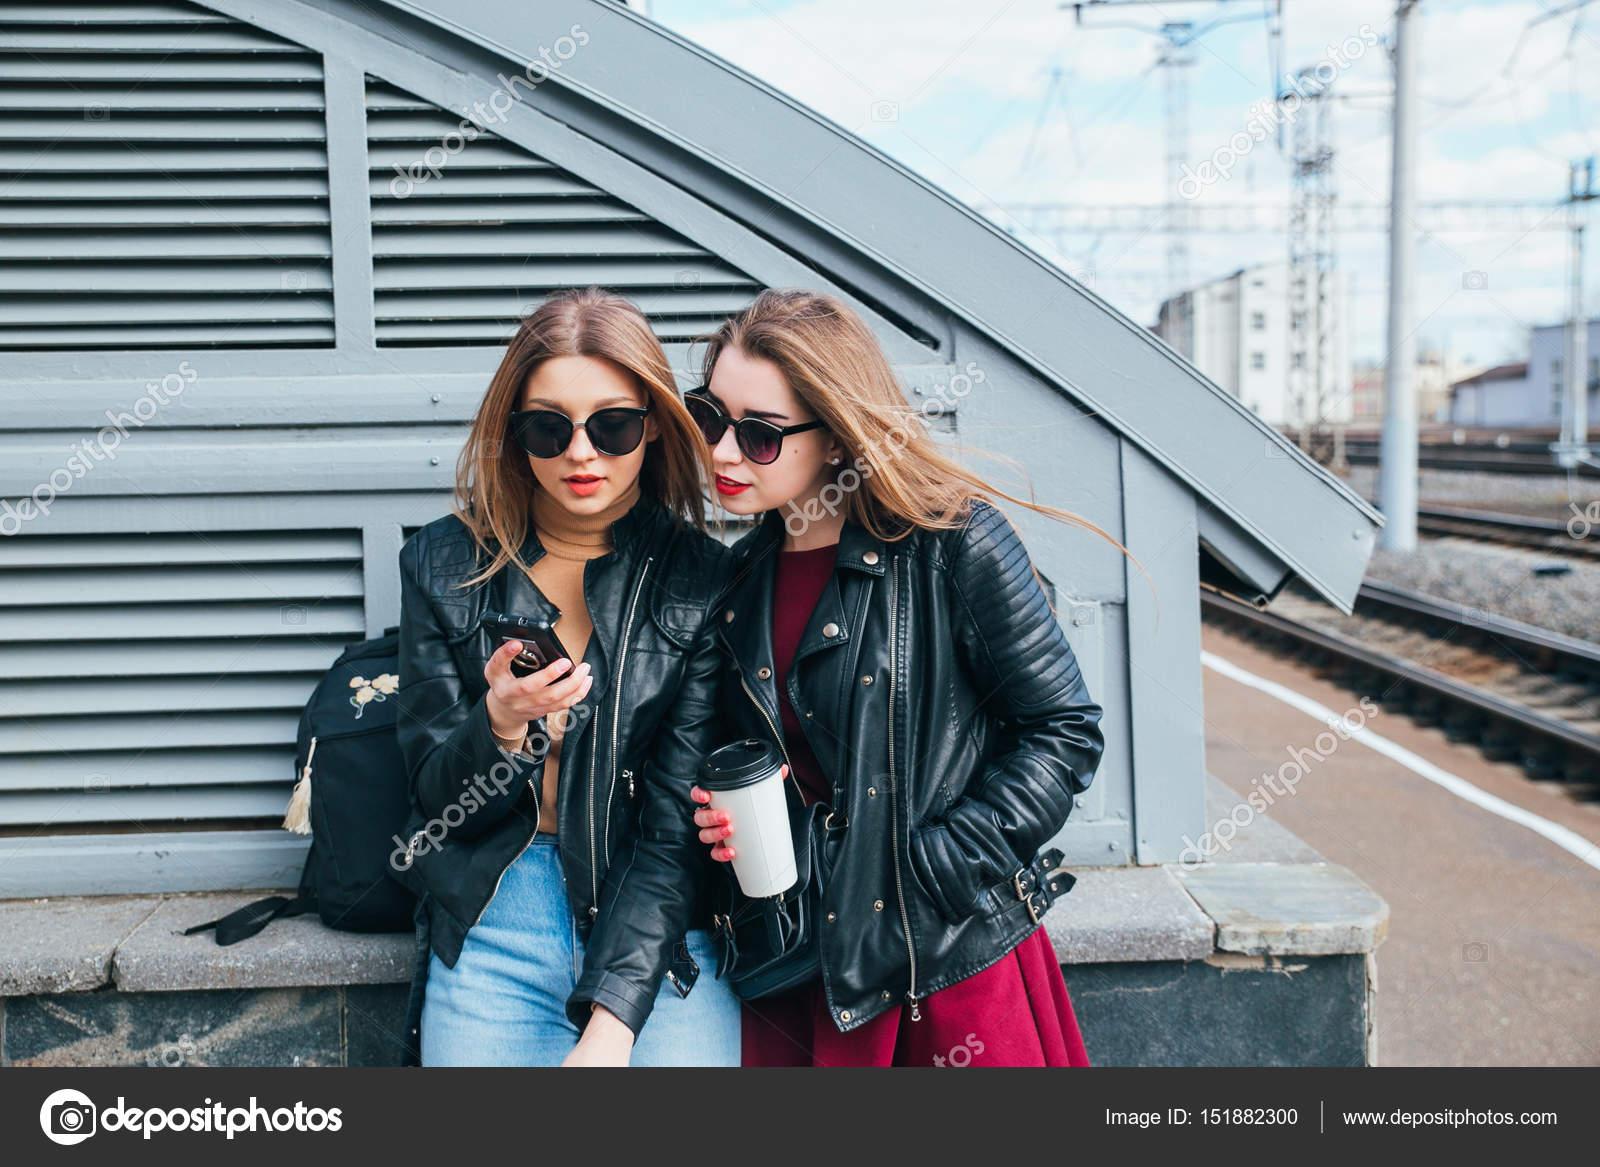 967714ecef Zwei Frauen sprechen im City.Outdoor Lifestyle Portrait der zwei besten  Freunde Hipster Mädchen tragen modische Lederjacke und Sonnenbrille, ...